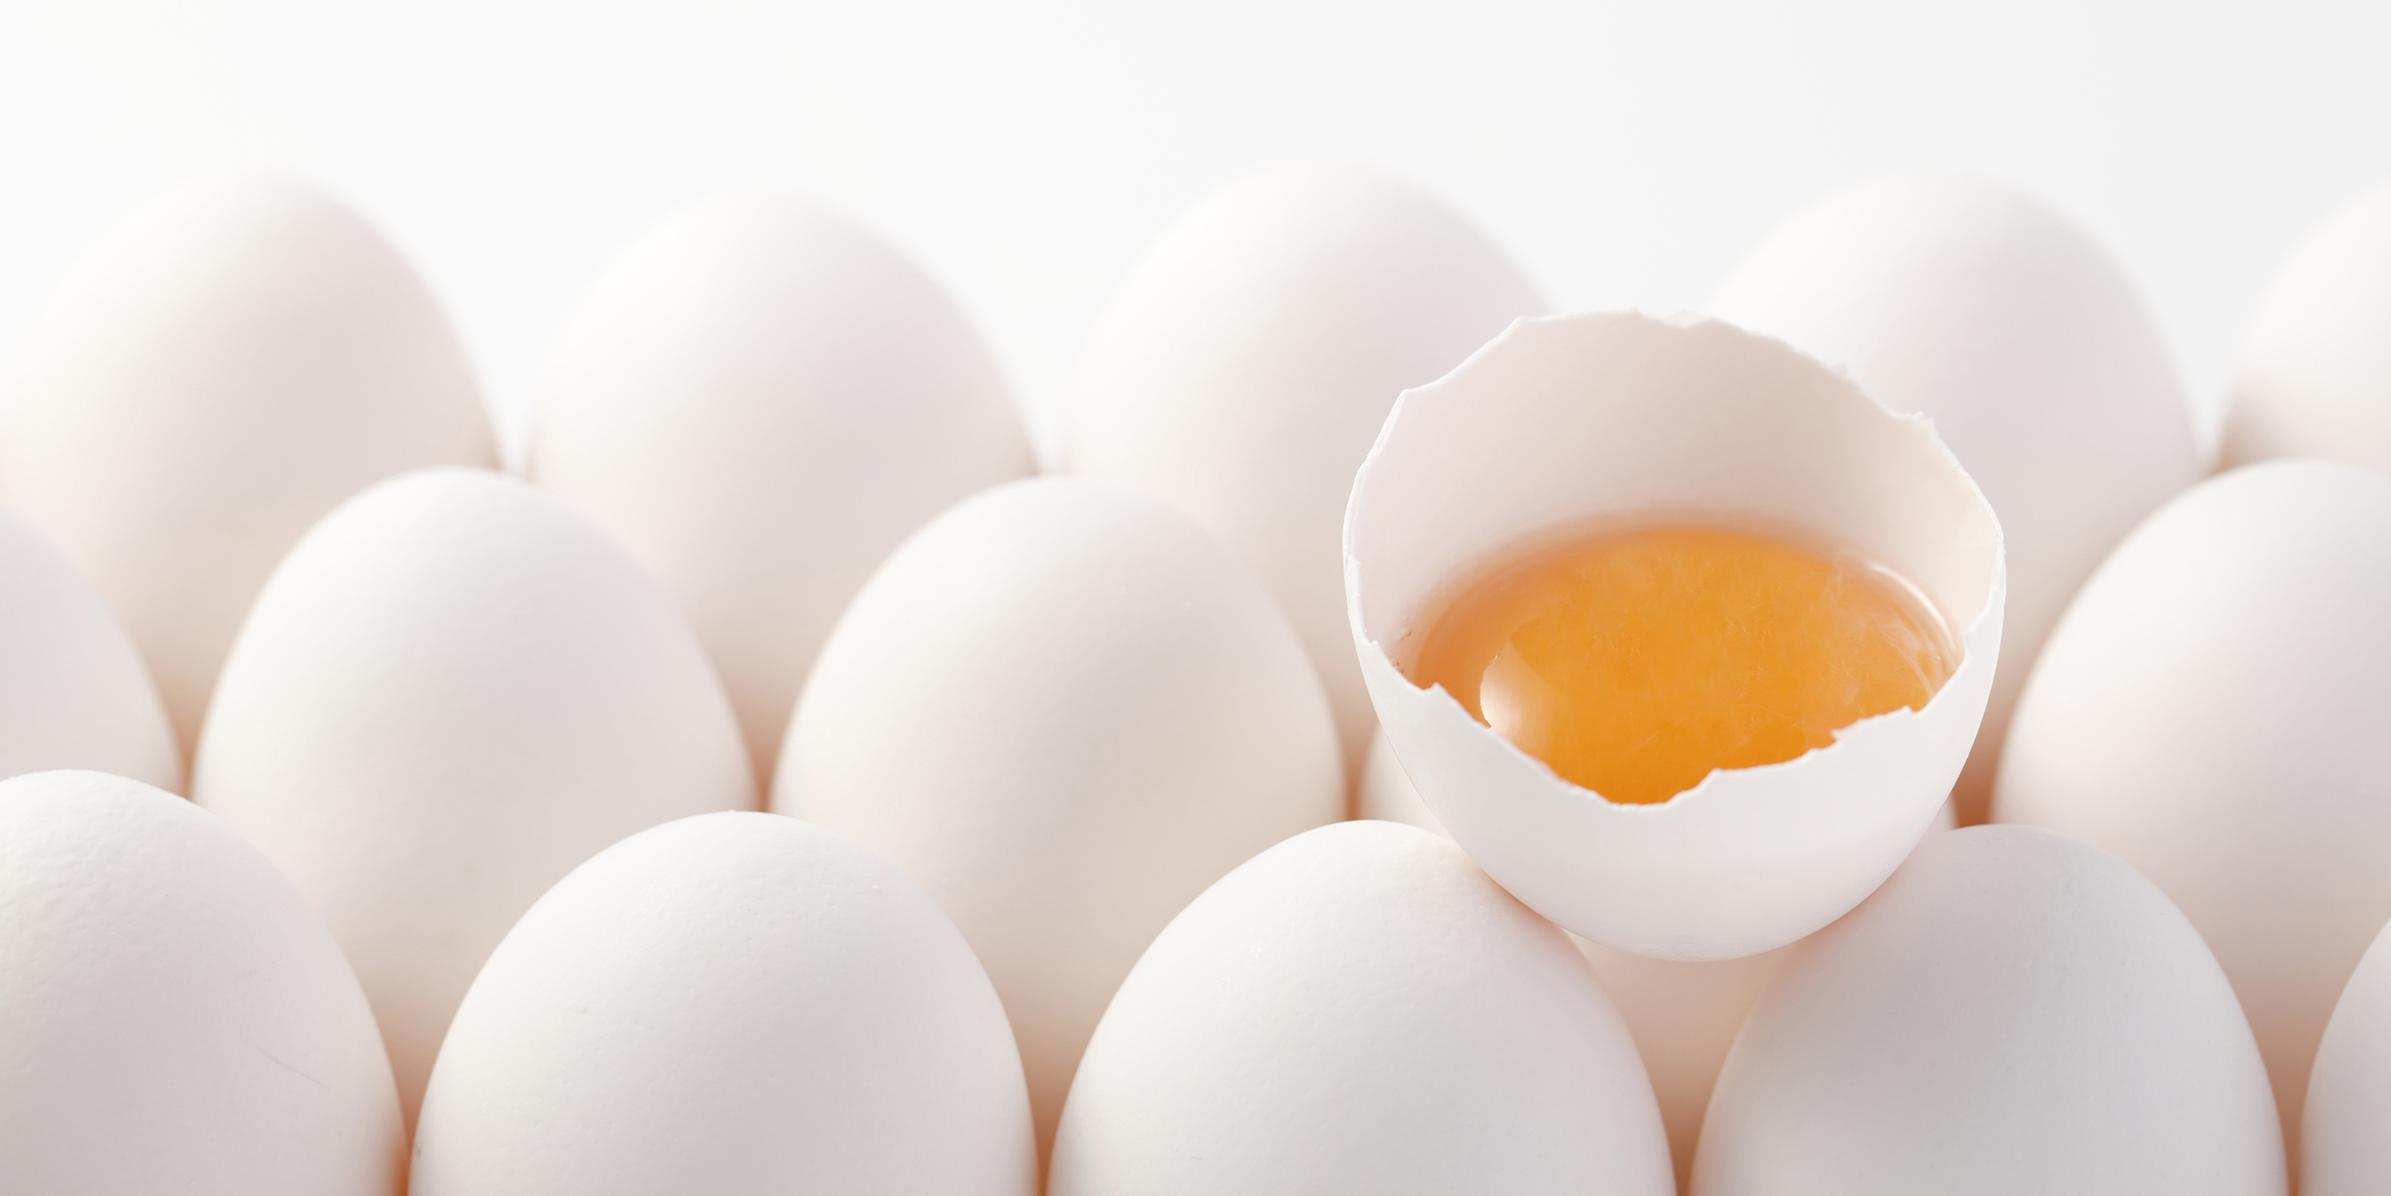 واقعا تخم مرغ گران شد؟